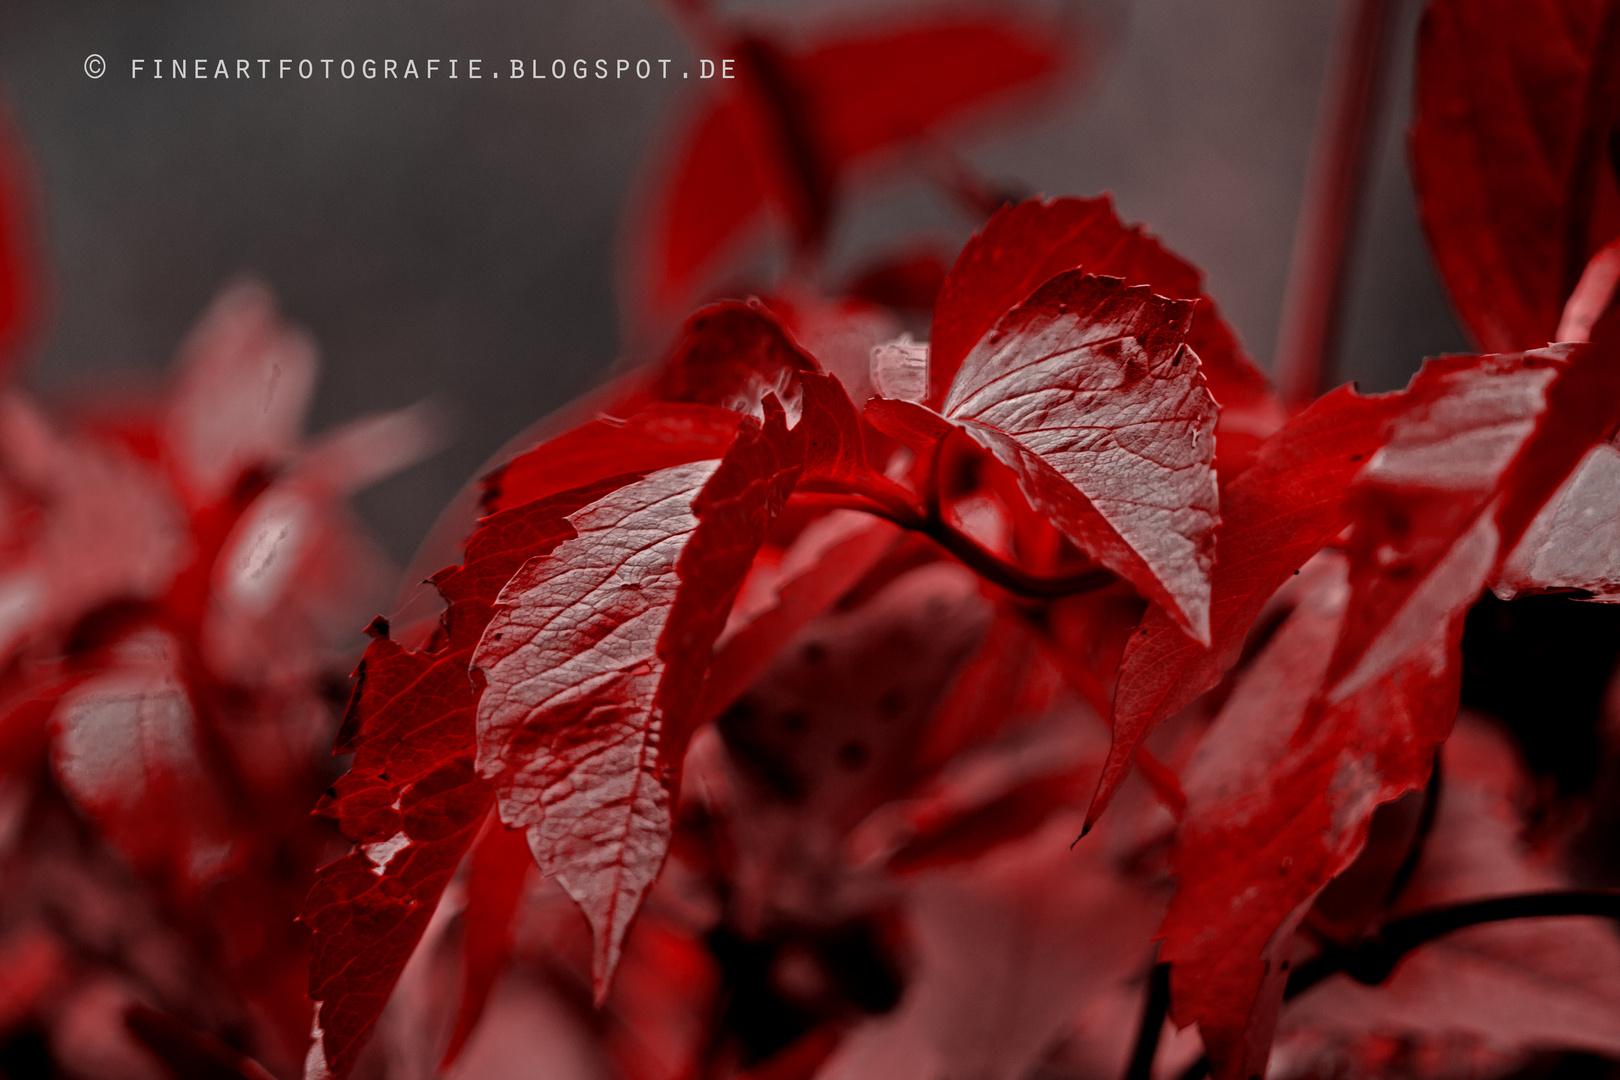 Herbst - Weinblätter färben sich rot